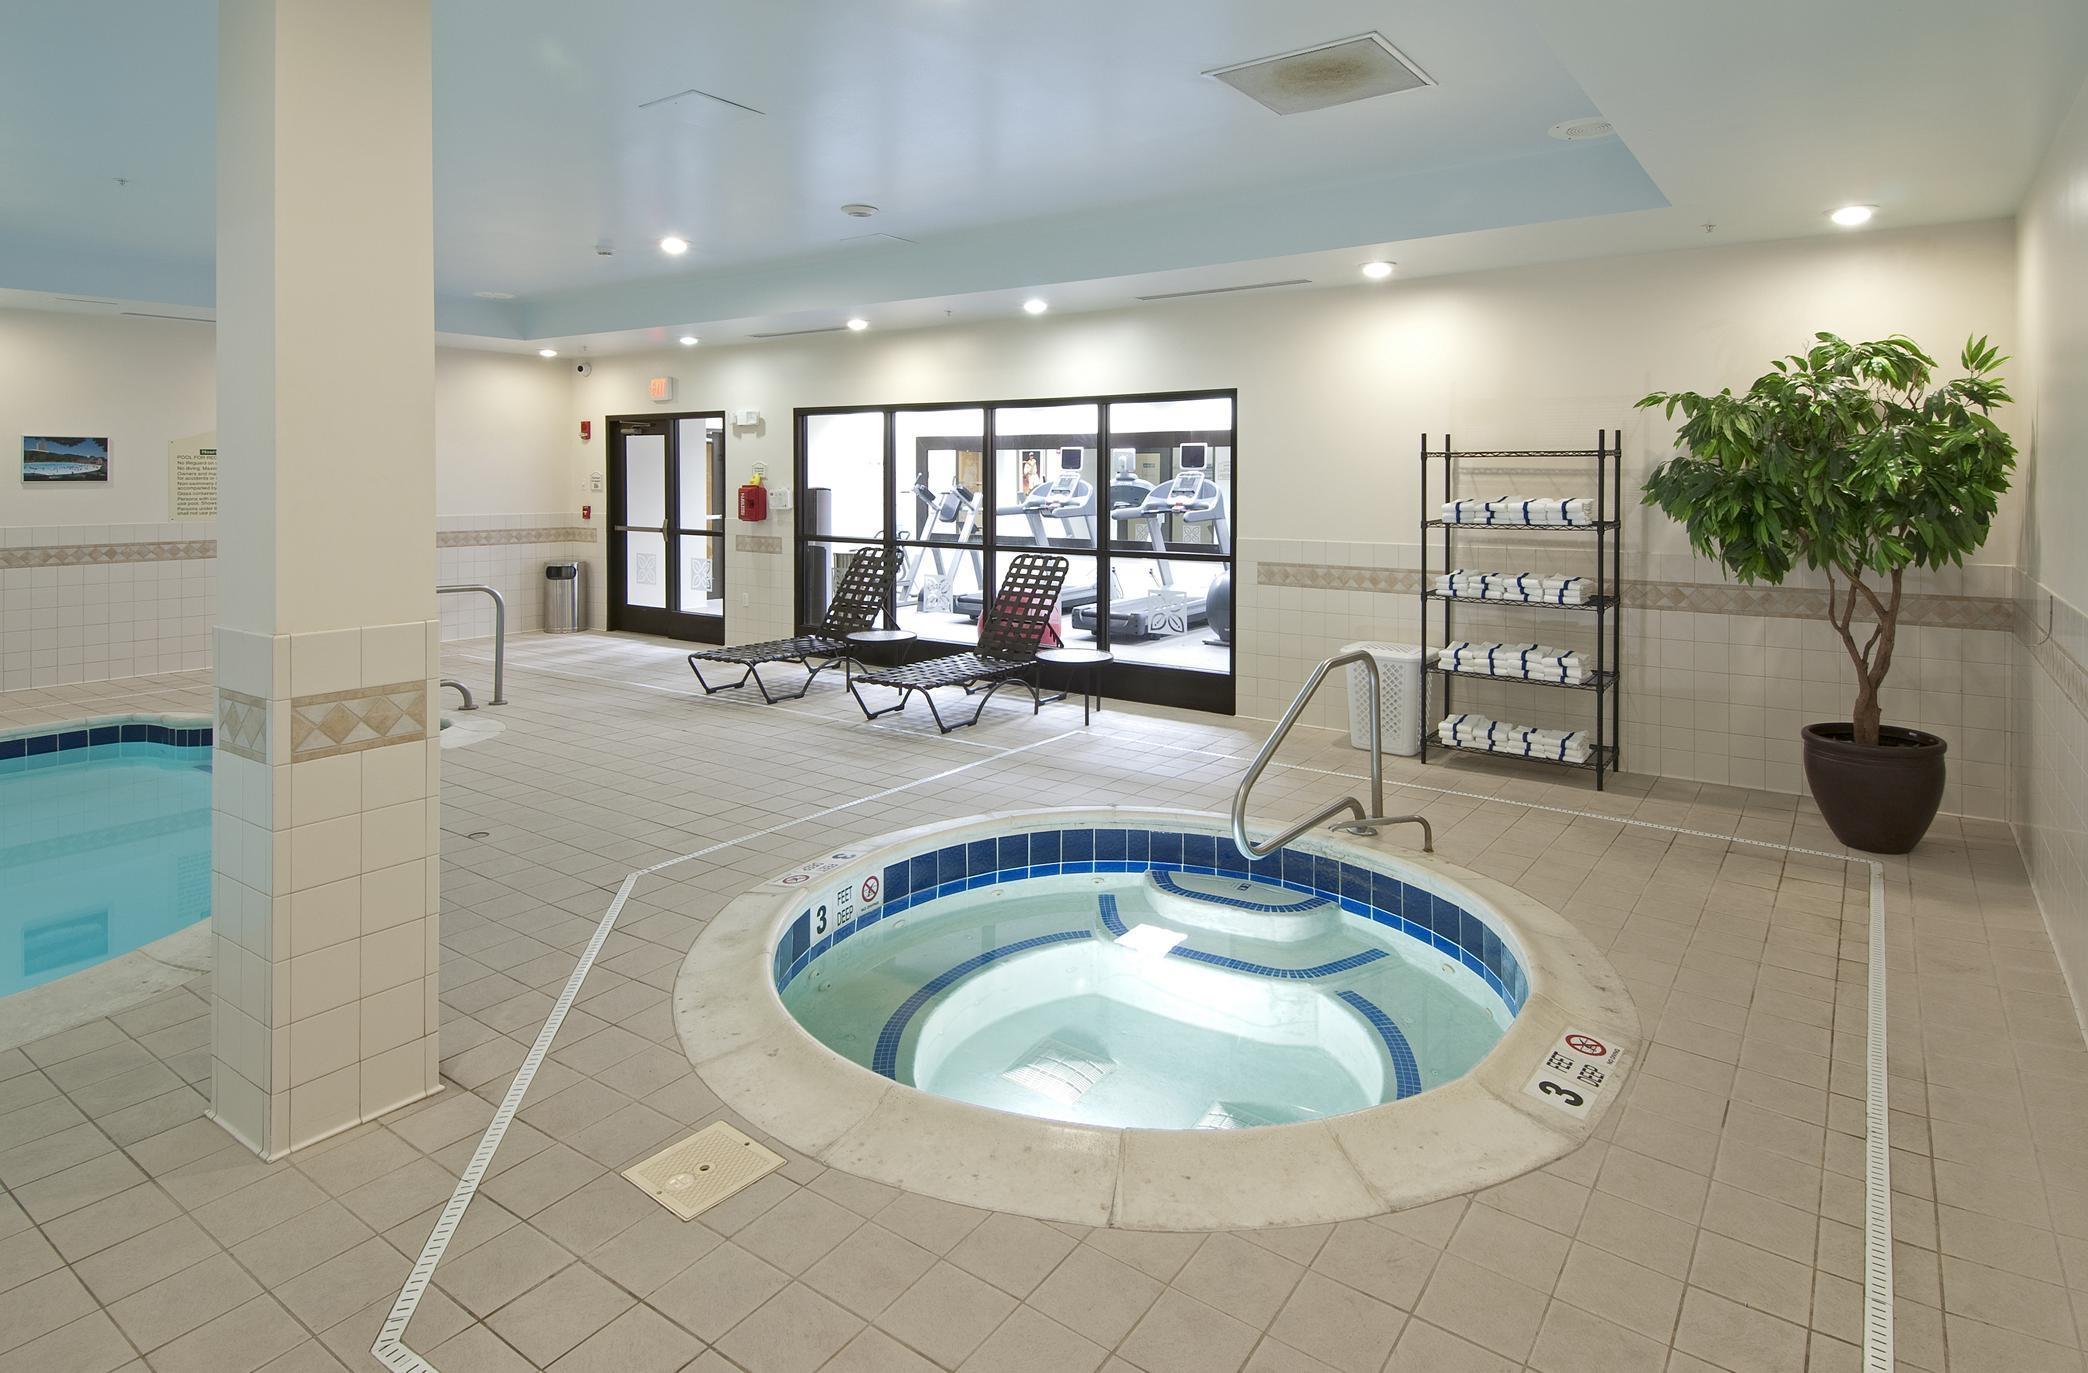 Hilton Garden Inn Albany Medical Center Albany New York